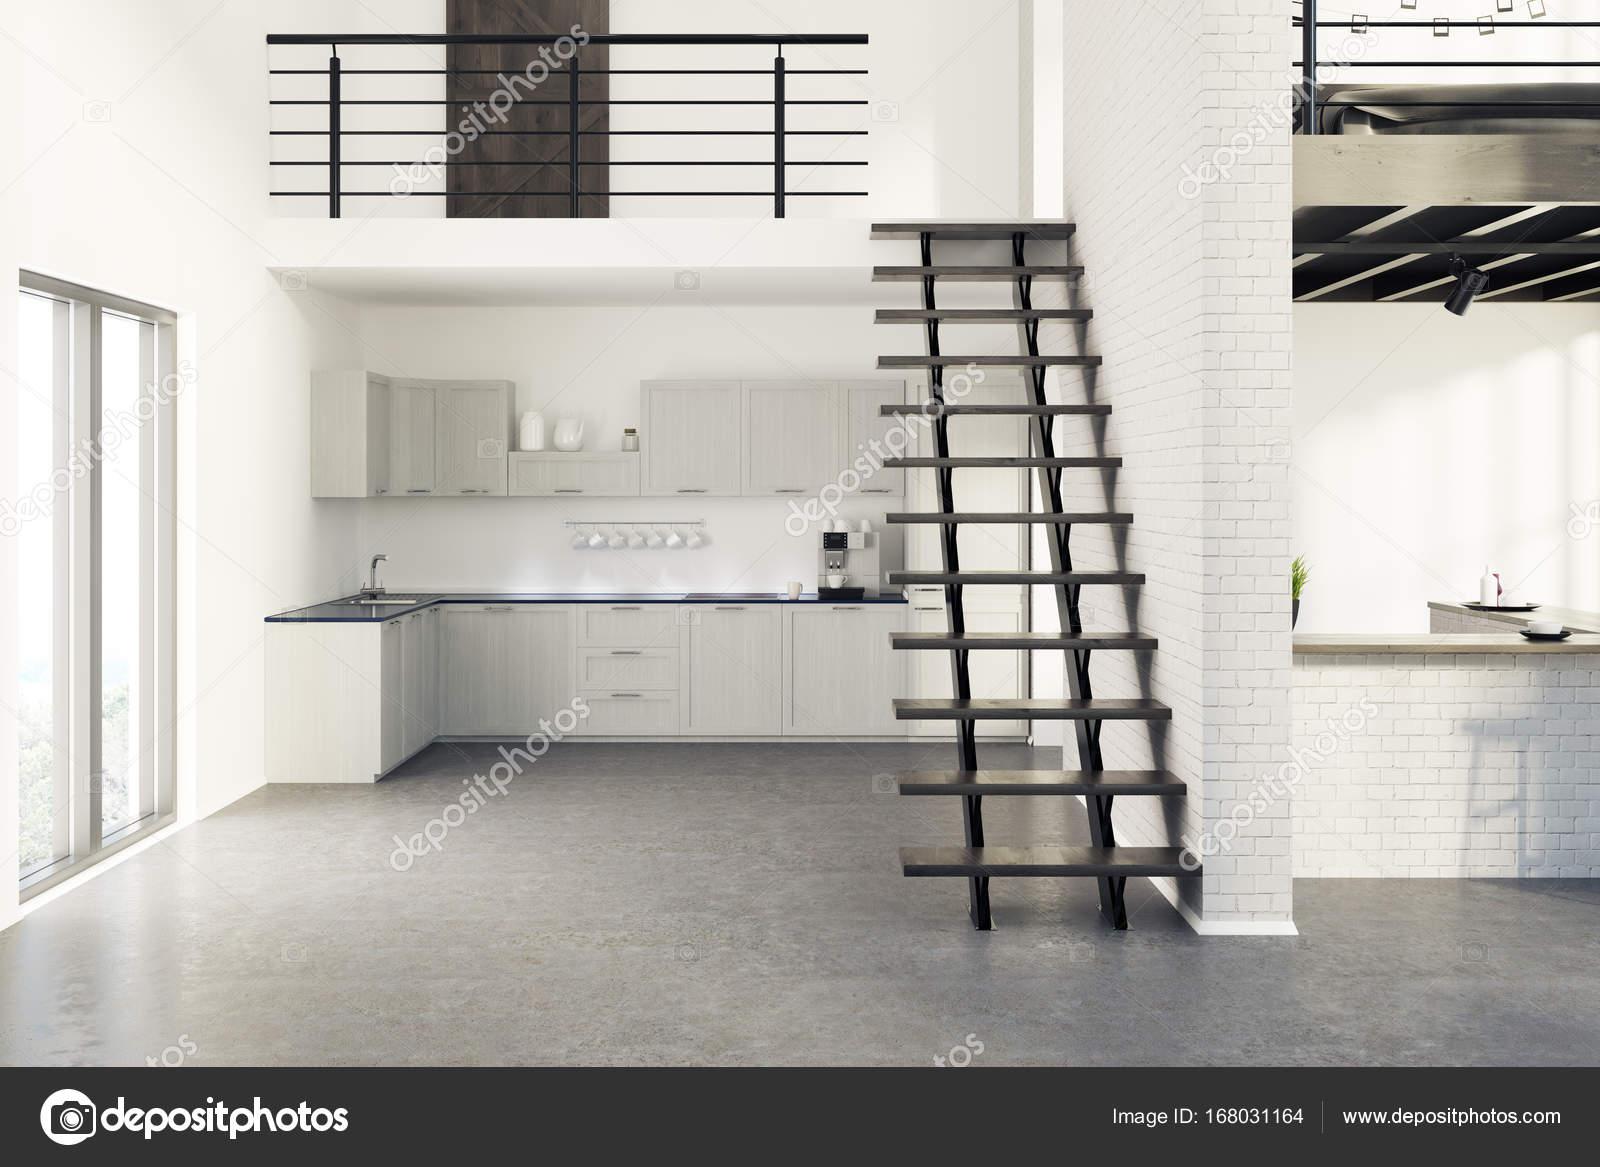 Gemauerte Küche | Weisse Gemauerte Kuche Holzernen Konsolen Grau Stockfoto